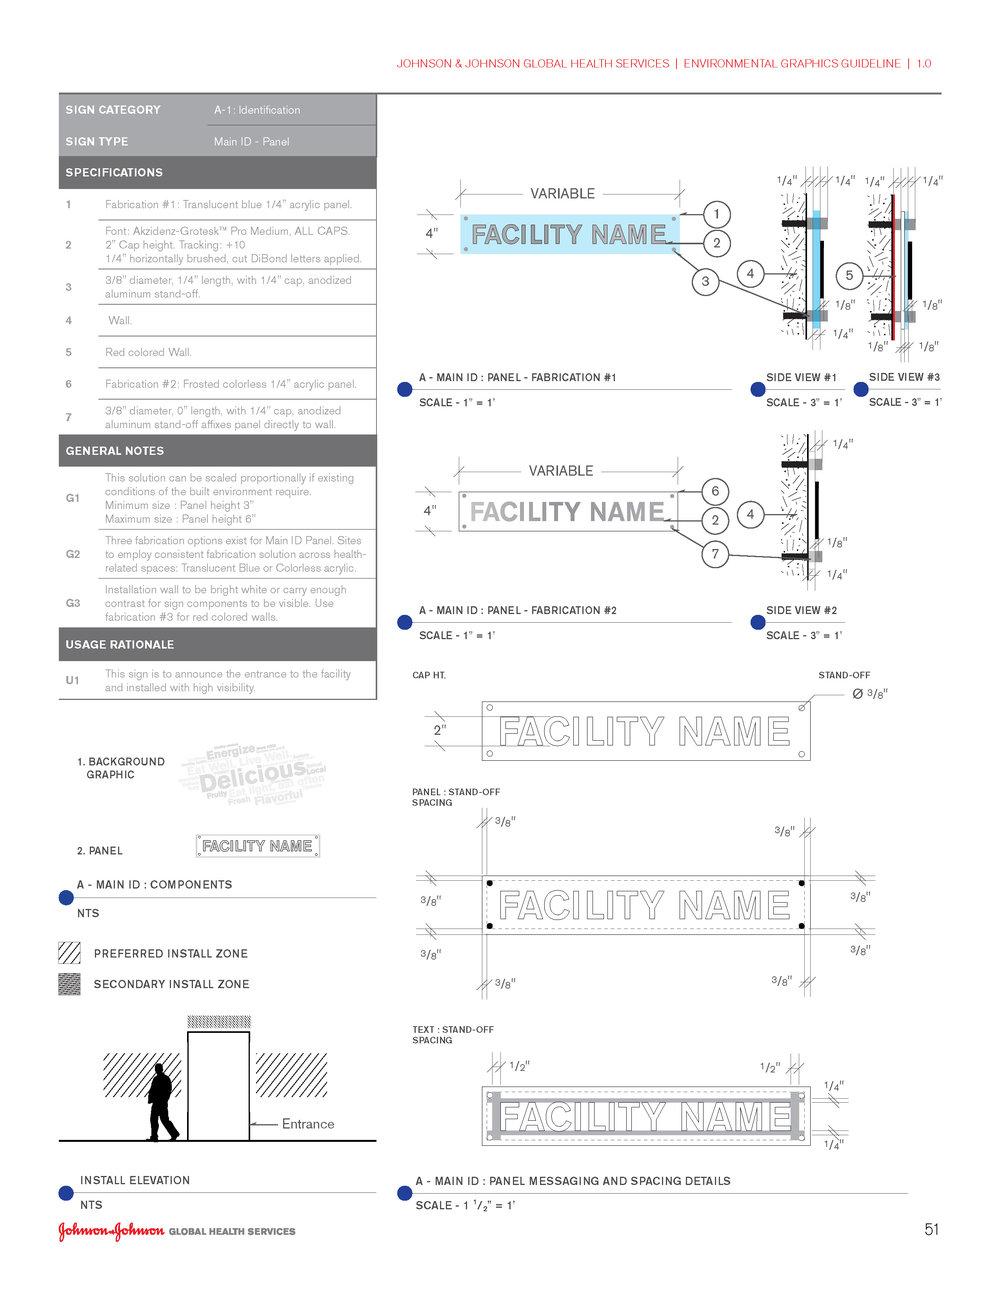 170929_GHS-EnvironmentalGuidelines_1.0 copy_Page_051.jpg